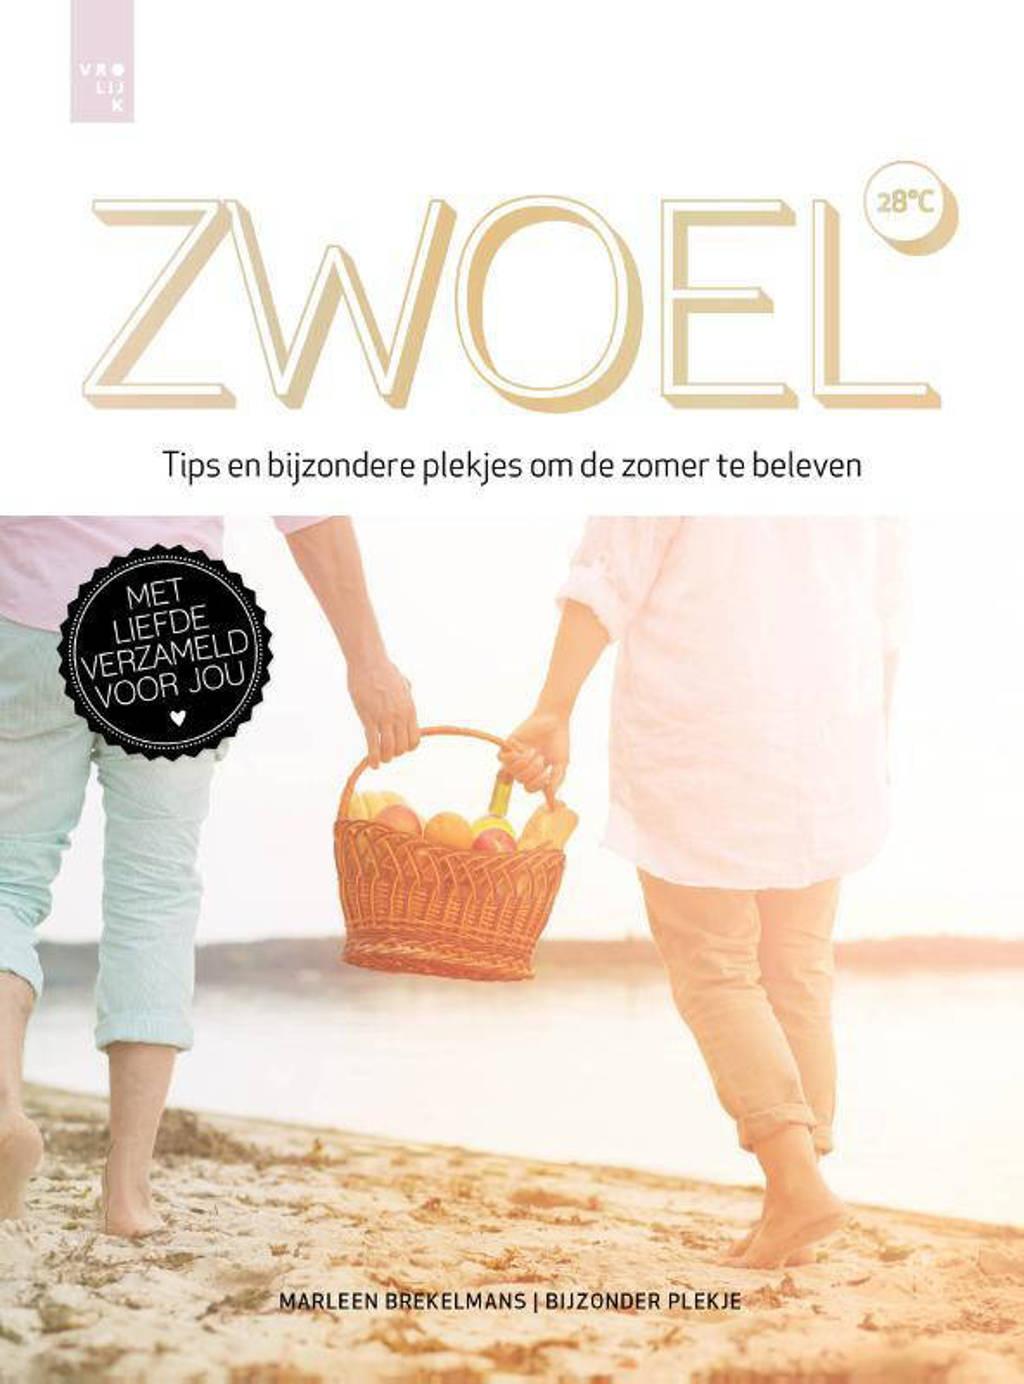 Beleef de seizoenen: Zwoel - Marleen Brekelmans